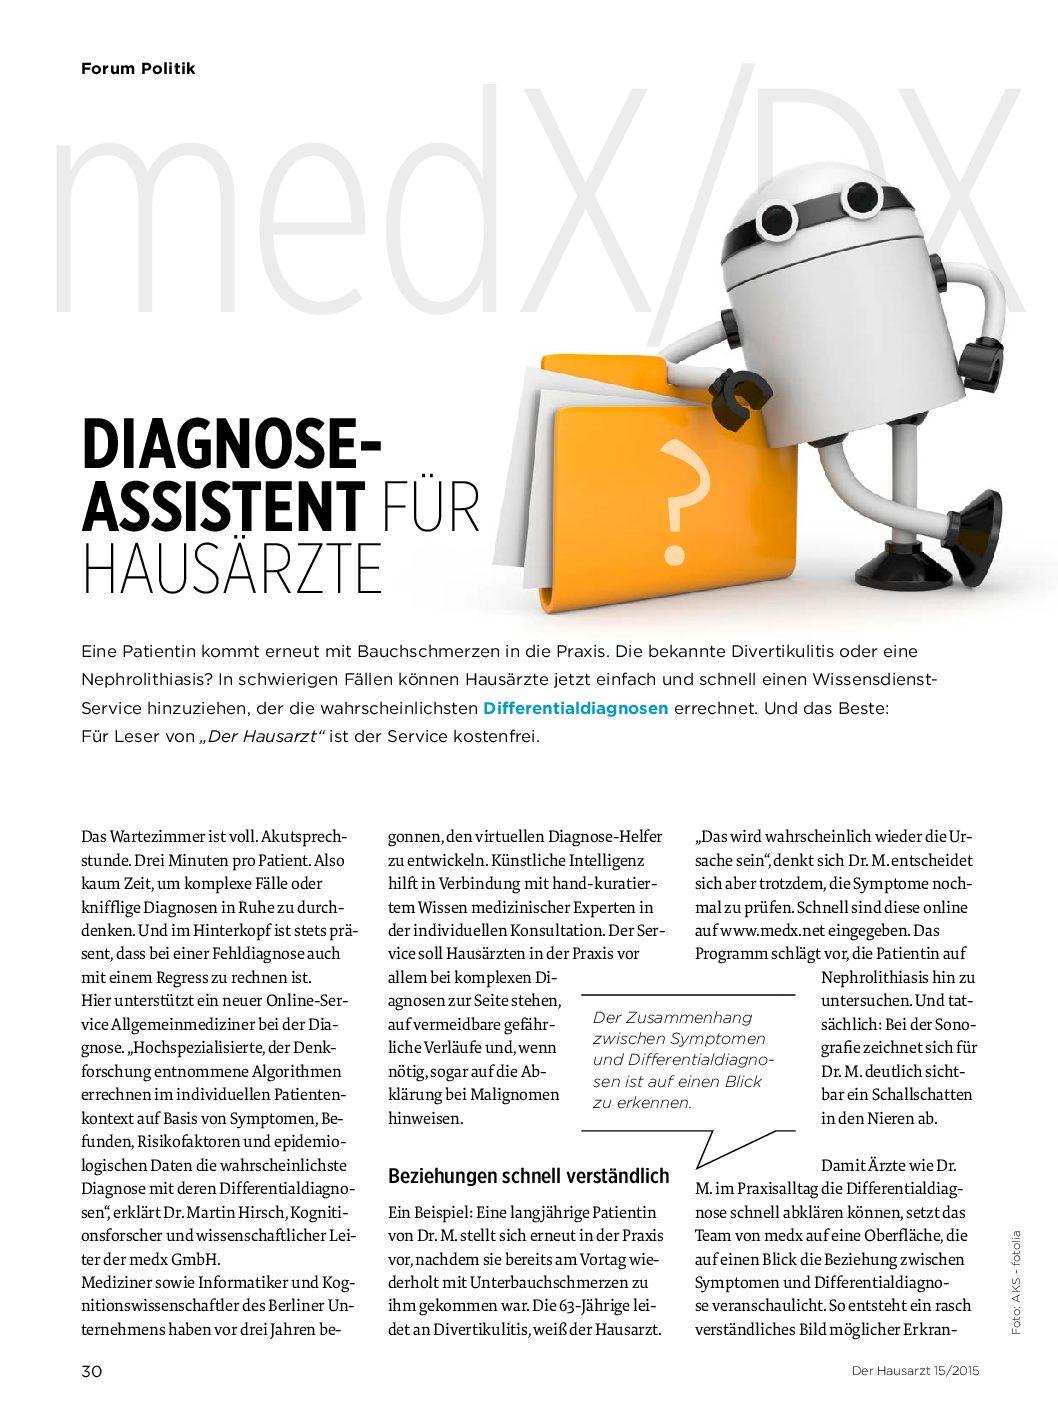 Diagnose-Assistent für Hausärzte – Der Hausarzt